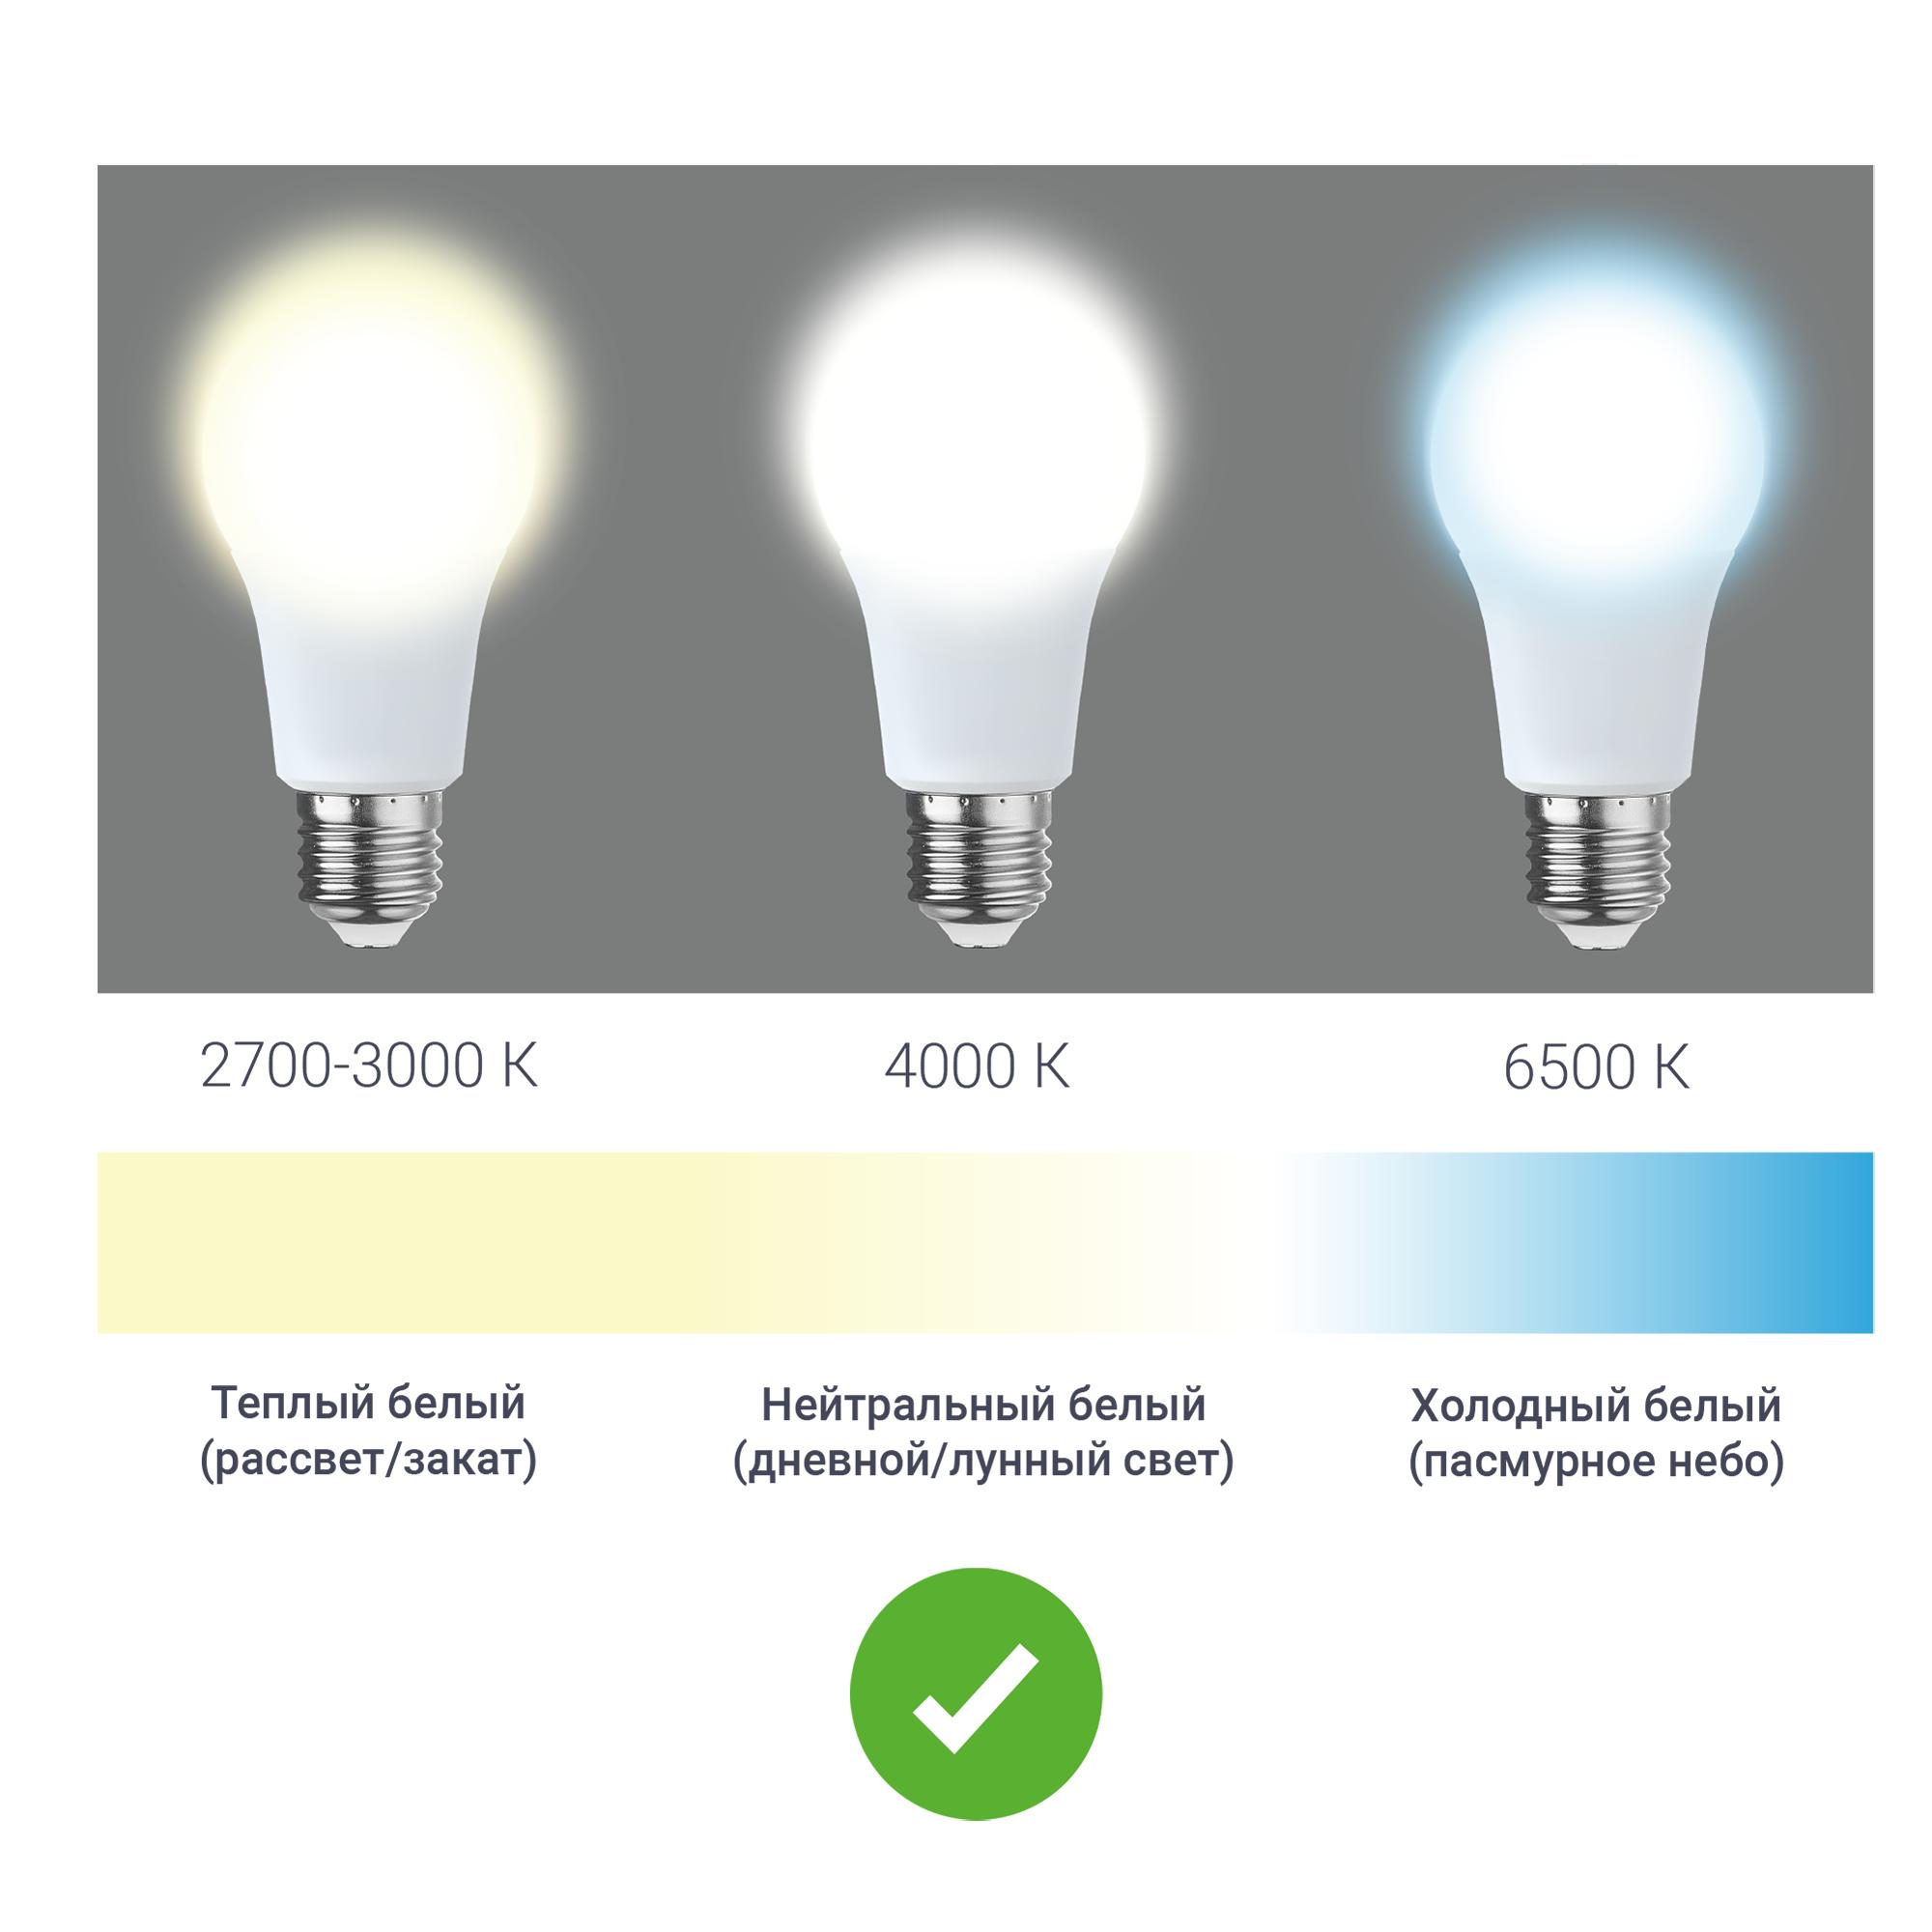 Лампа светодиодная Osram GU5.3 220-240 В 4 Вт спот матовая 300 лм холодный белый свет